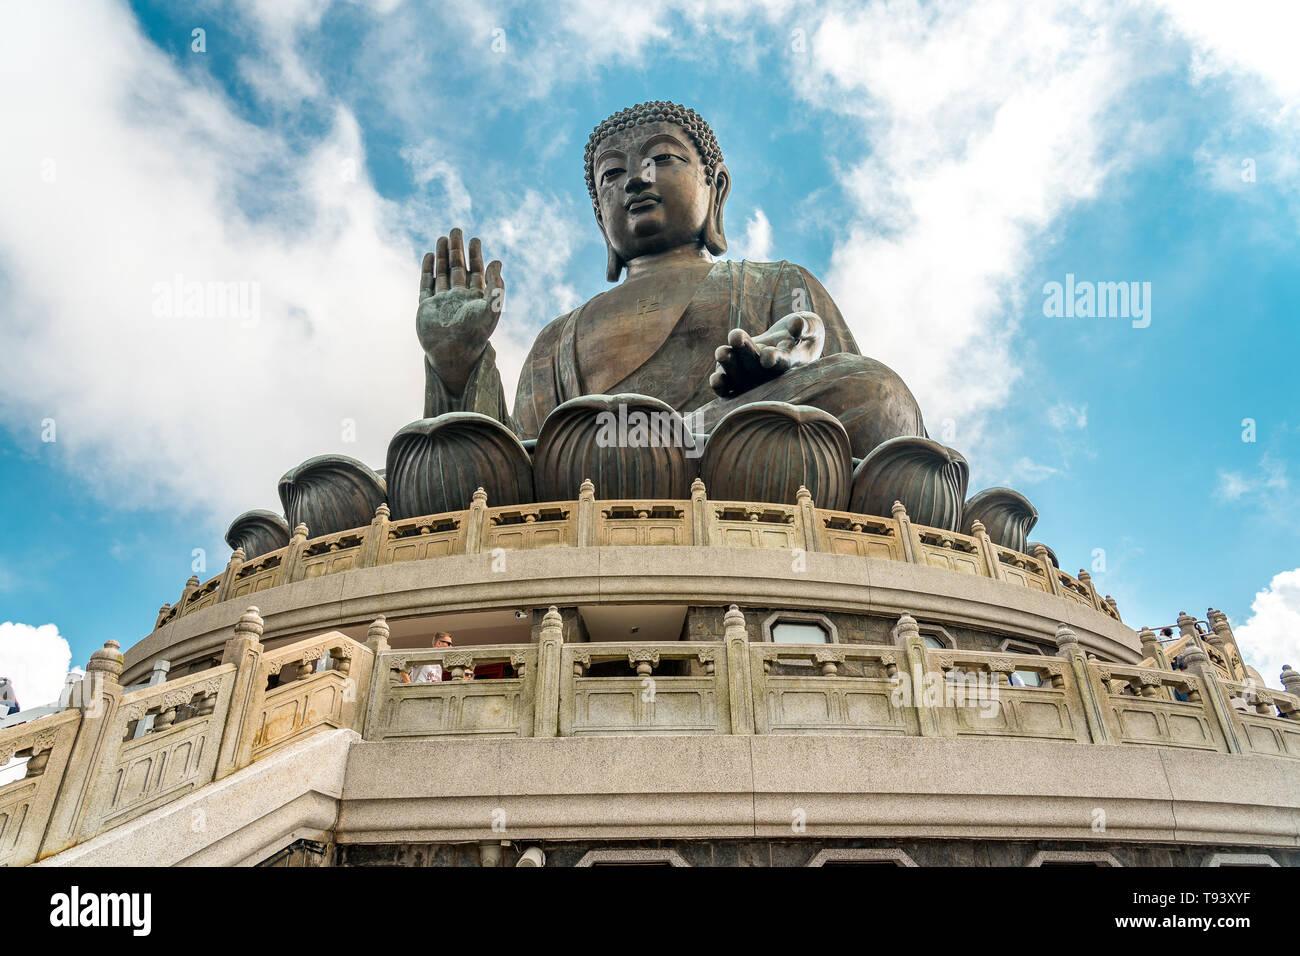 Hong Kong, China - Big Buddha statue - Stock Image